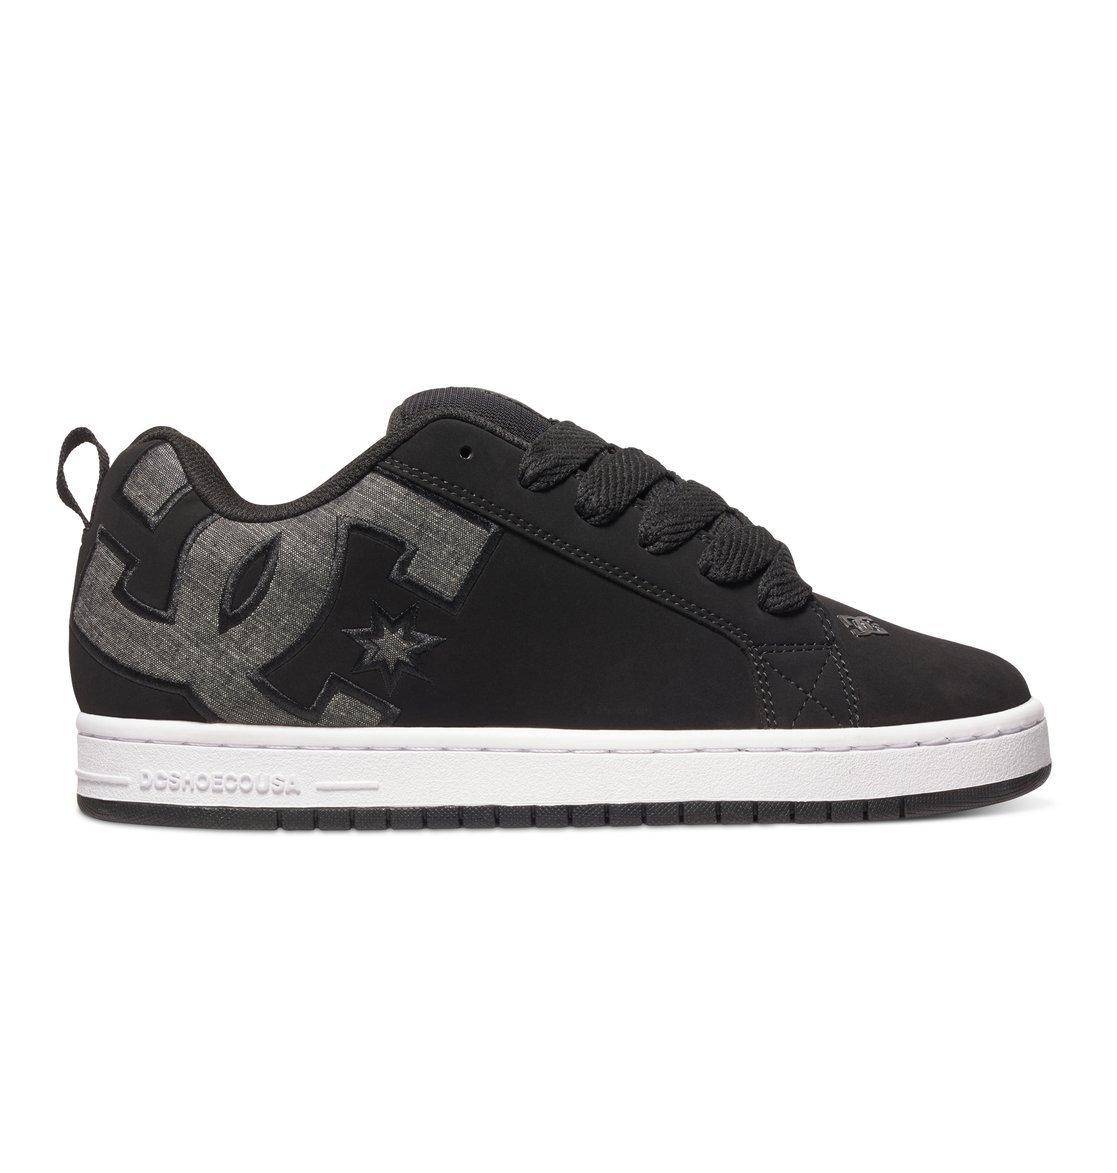 DC Shoes Mens Shoes Court Graffik Se - Shoes - 8.5 - Black Black Wash 8.5